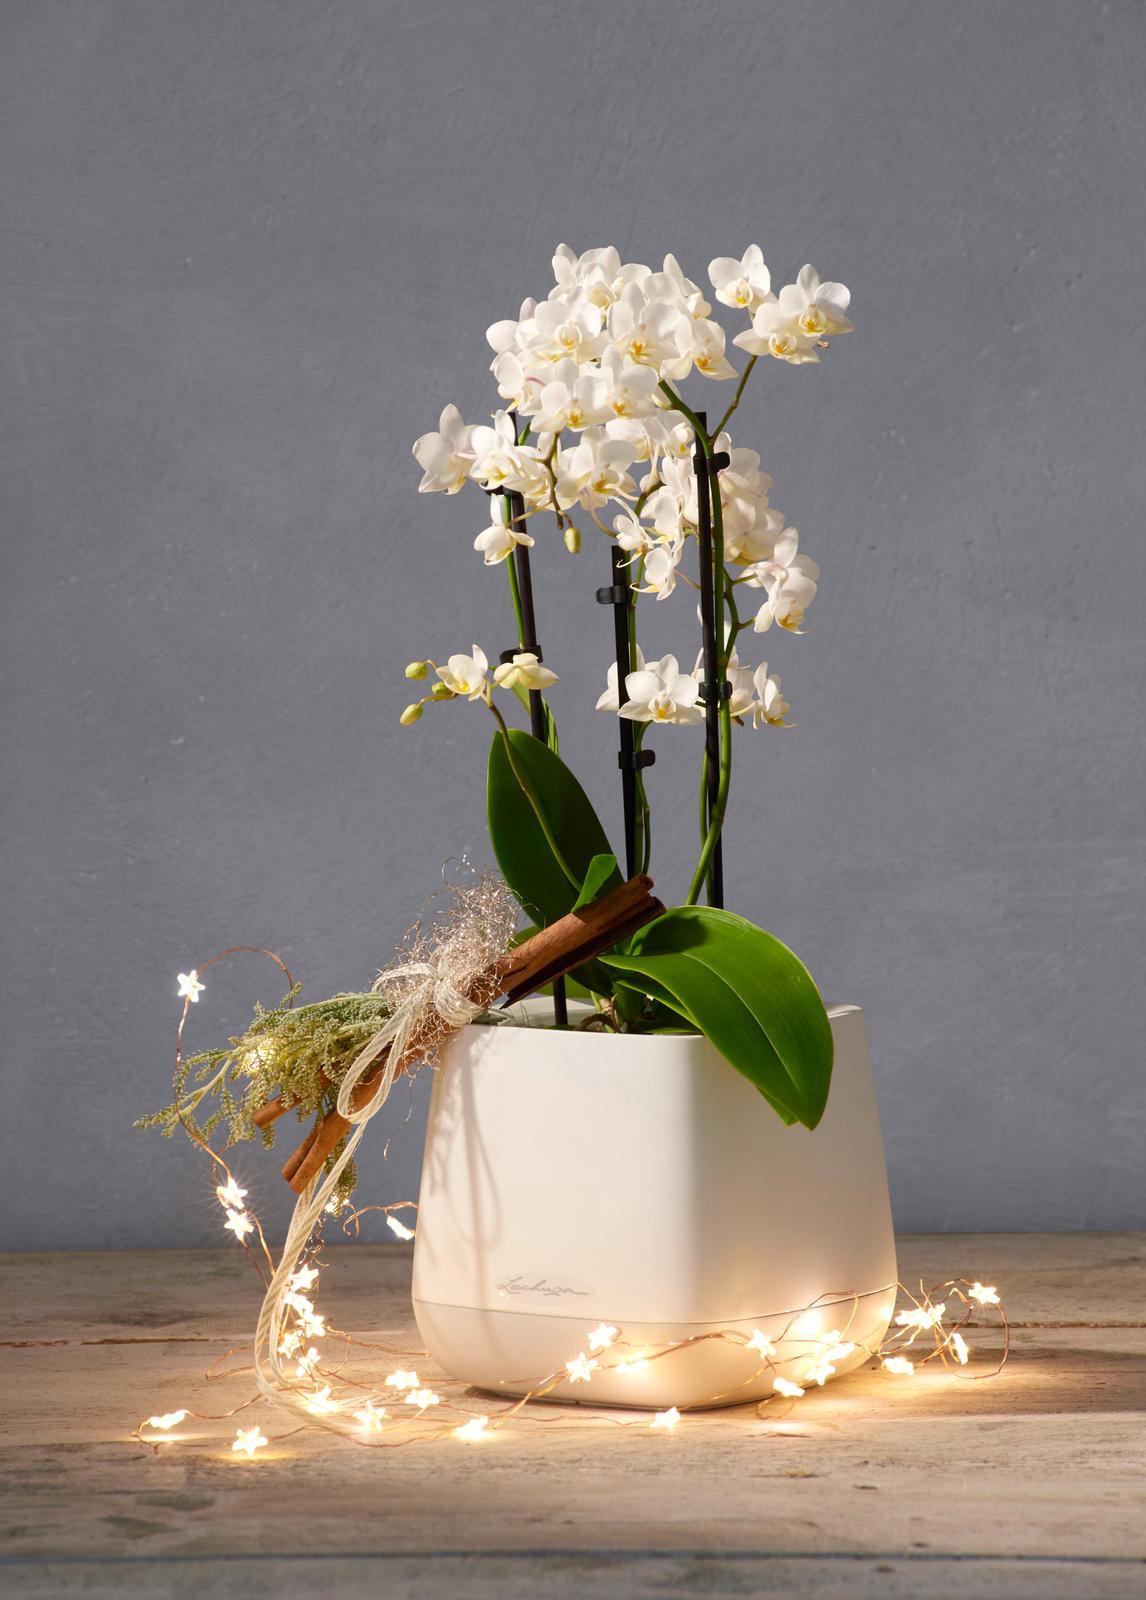 Pripravujeme nový kvetináč Yula | LECHUZA - kvetináč 15 x 17 x 17 cm | 12,99 €